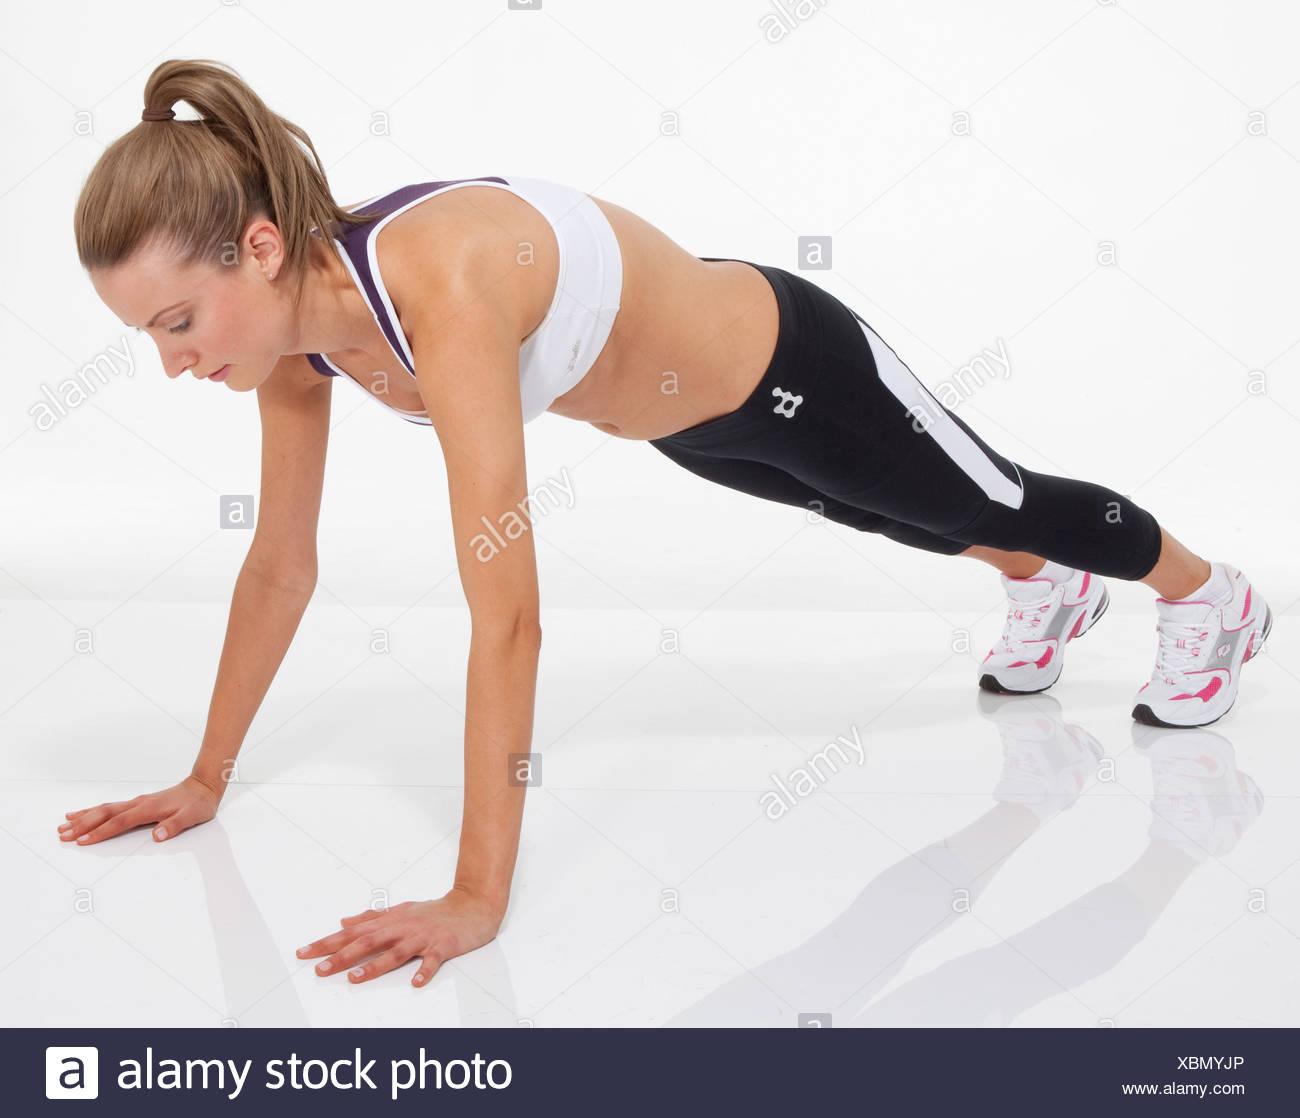 Haut du corps femelle de cheveux juste exercice lié à la queue de cheval, portant un gilet recadrée, guêtres noires et des formateurs, l'exécution d'une Photo Stock